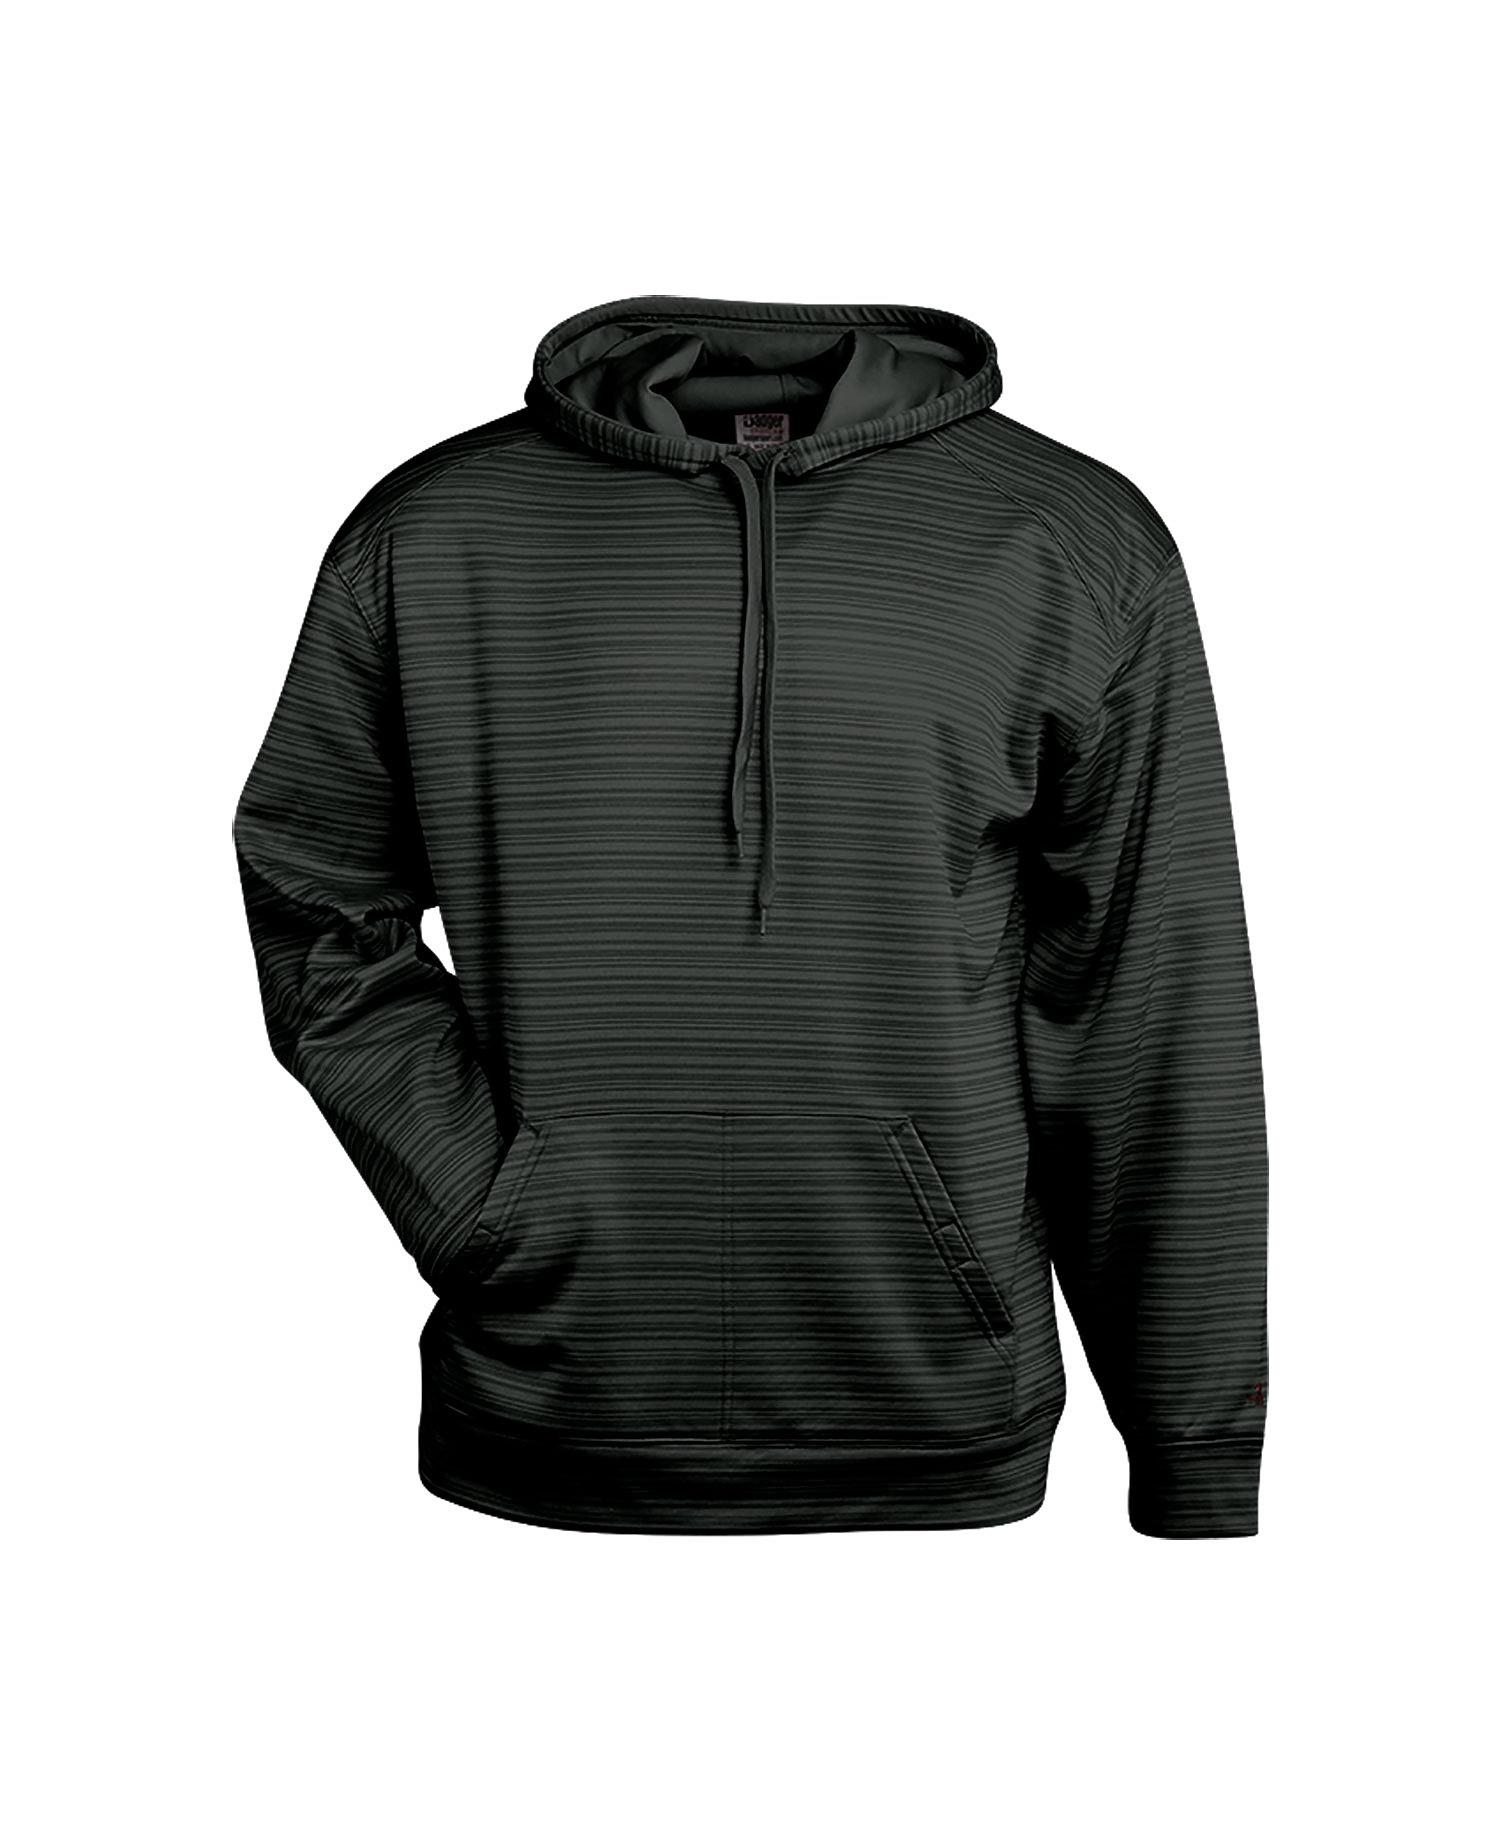 Badger Sport 1425 - Adult Stripe Hood